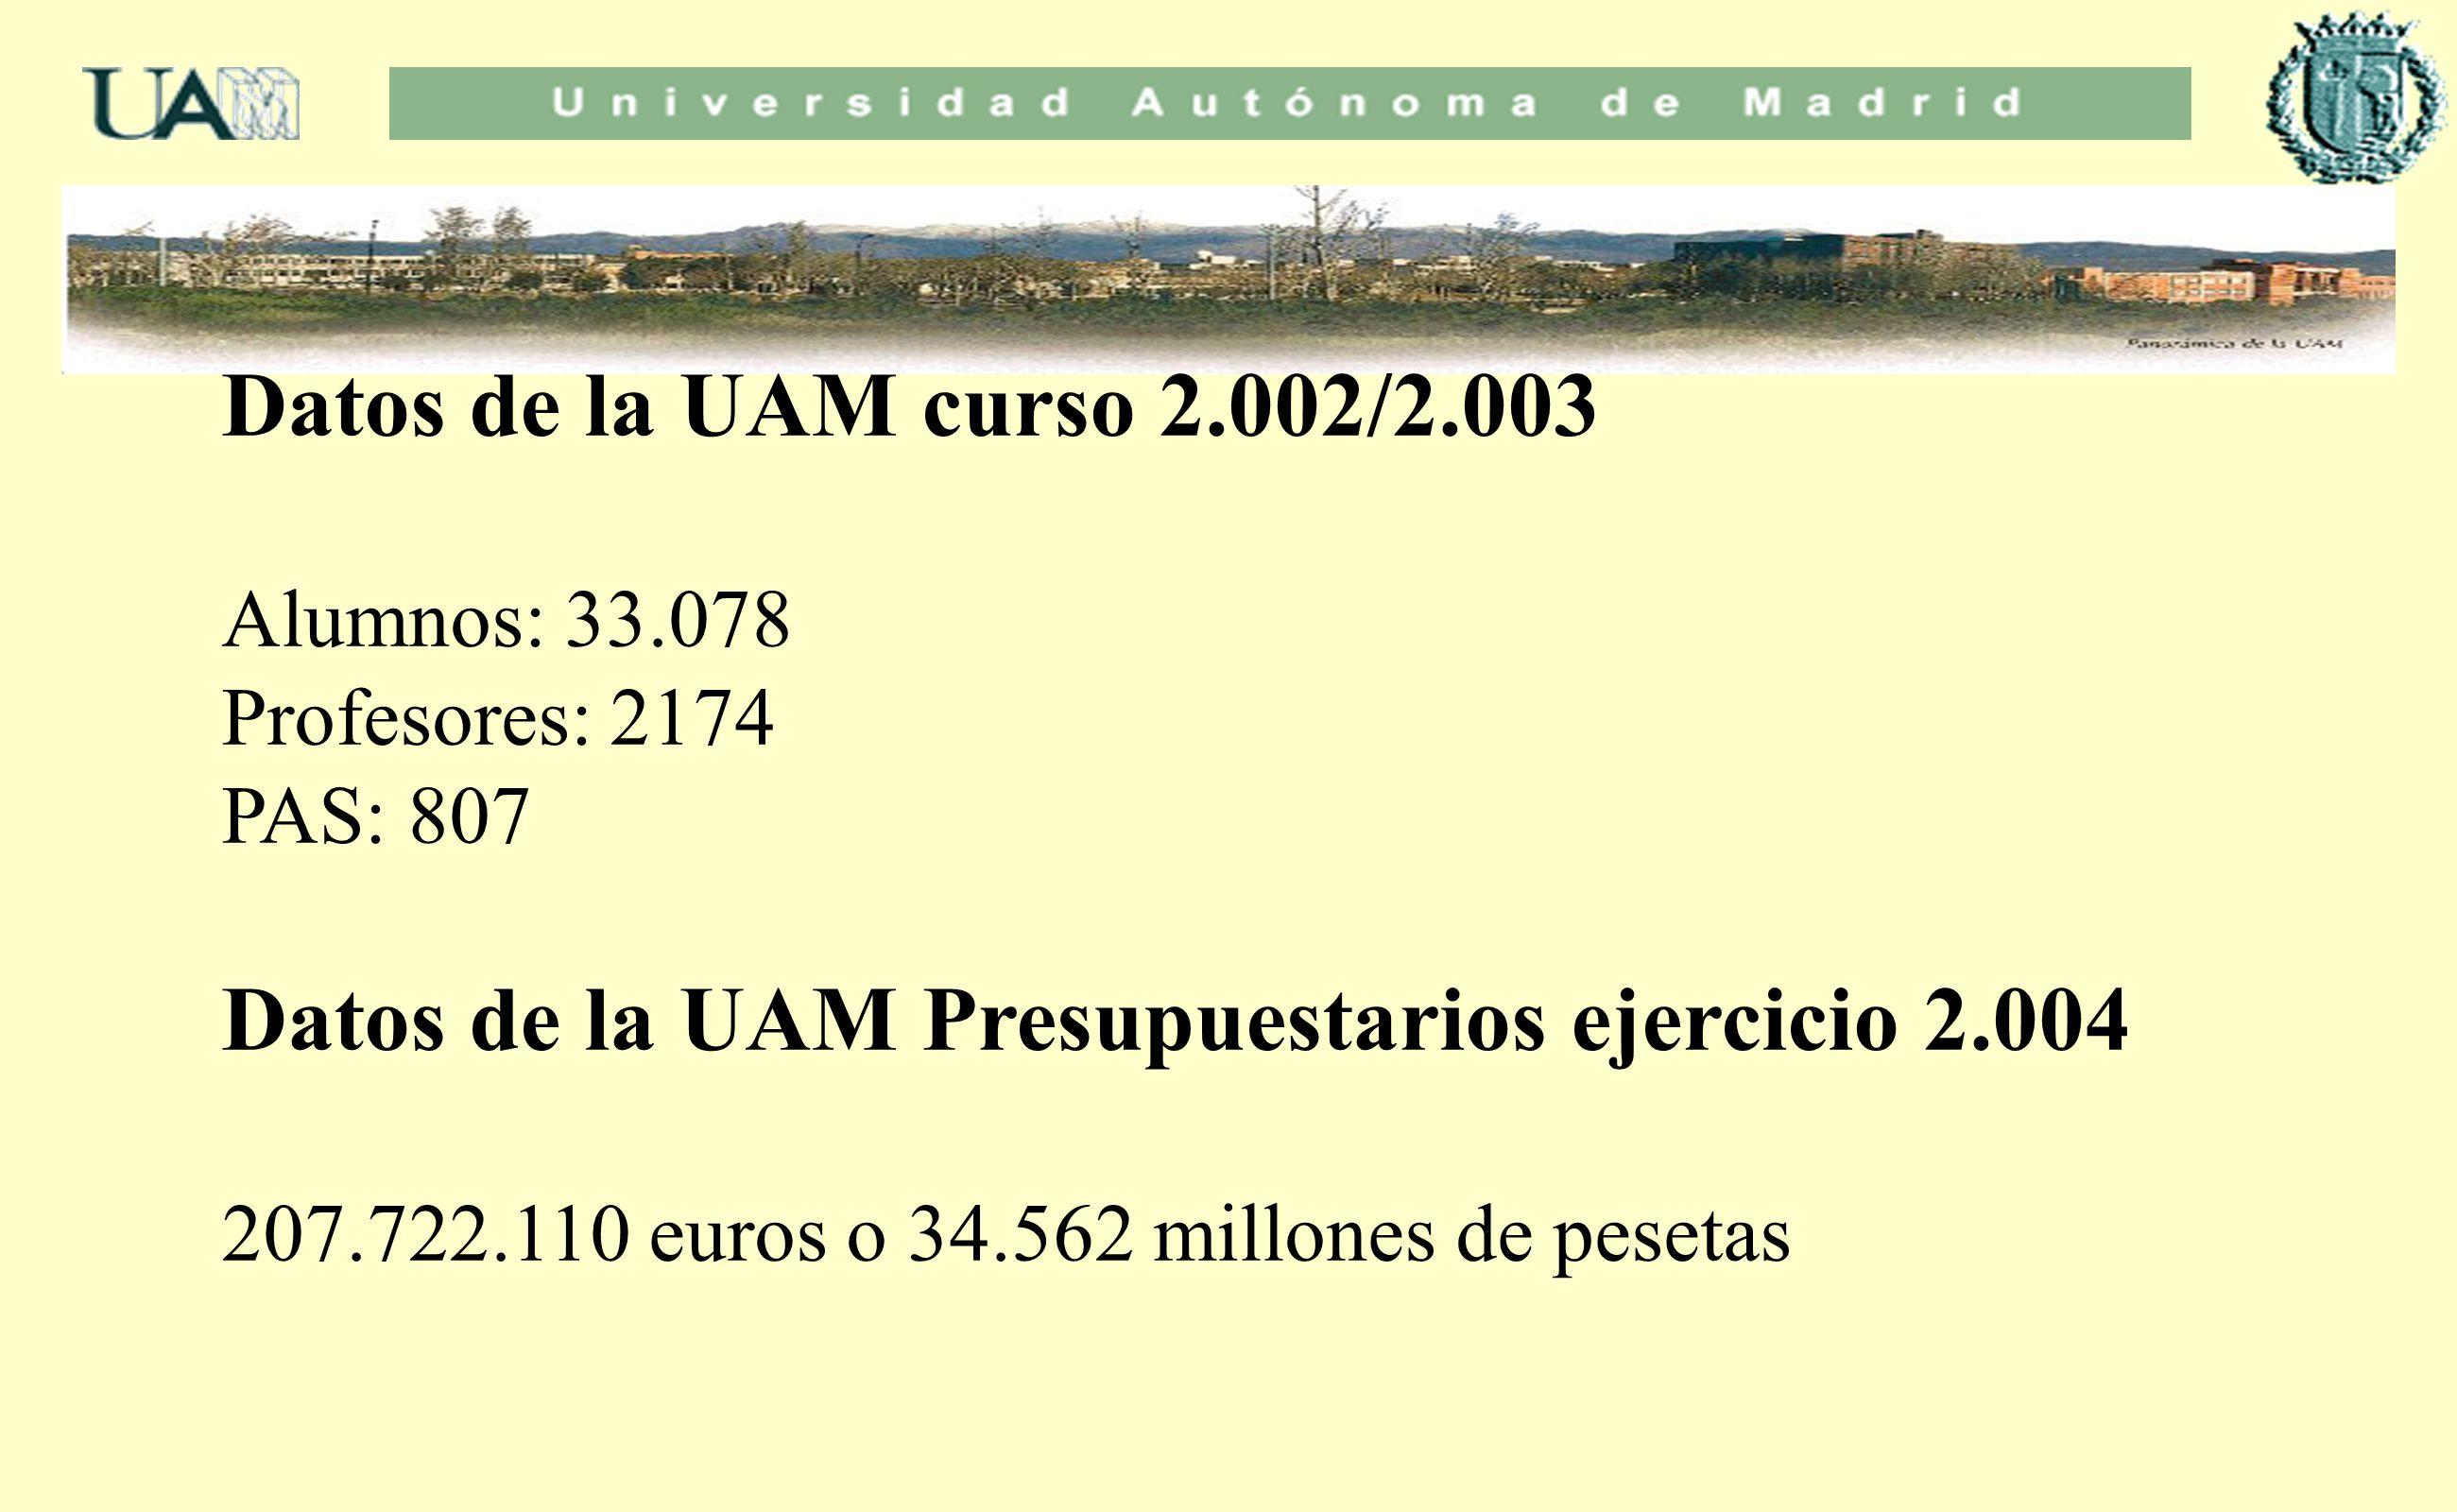 Datos de la UAM curso 2.002/2.003 Alumnos: 33.078 Profesores: 2174 PAS: 807 Datos de la UAM Presupuestarios ejercicio 2.004 207.722.110 euros o 34.562